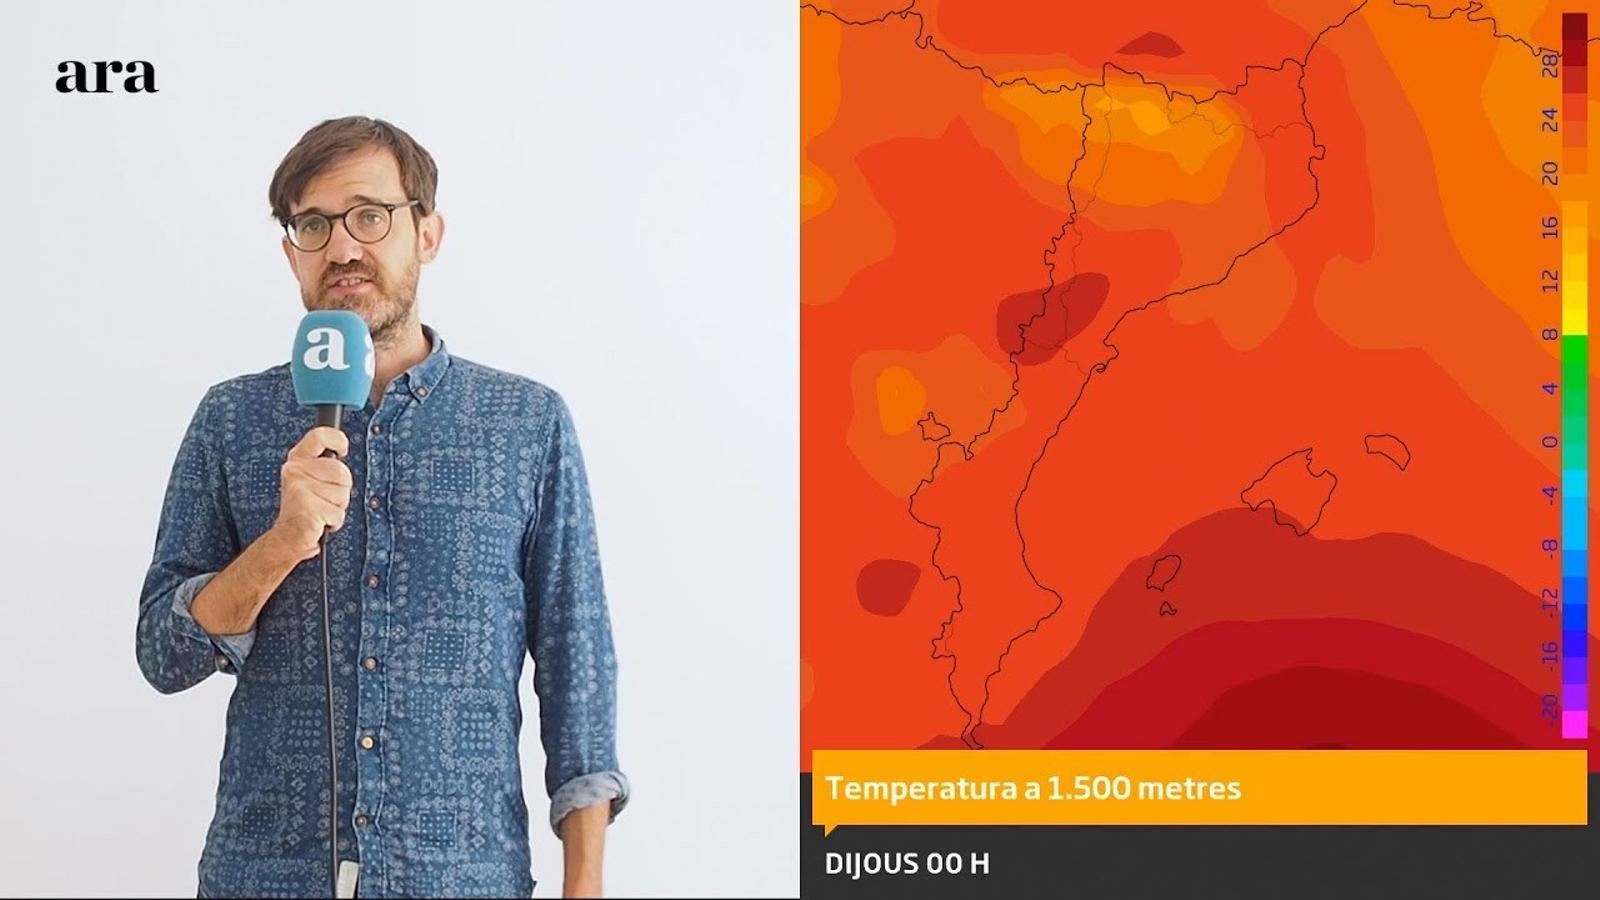 La méteo: un nou episodi de calor forta acostarà els termòmetres als 40 graus